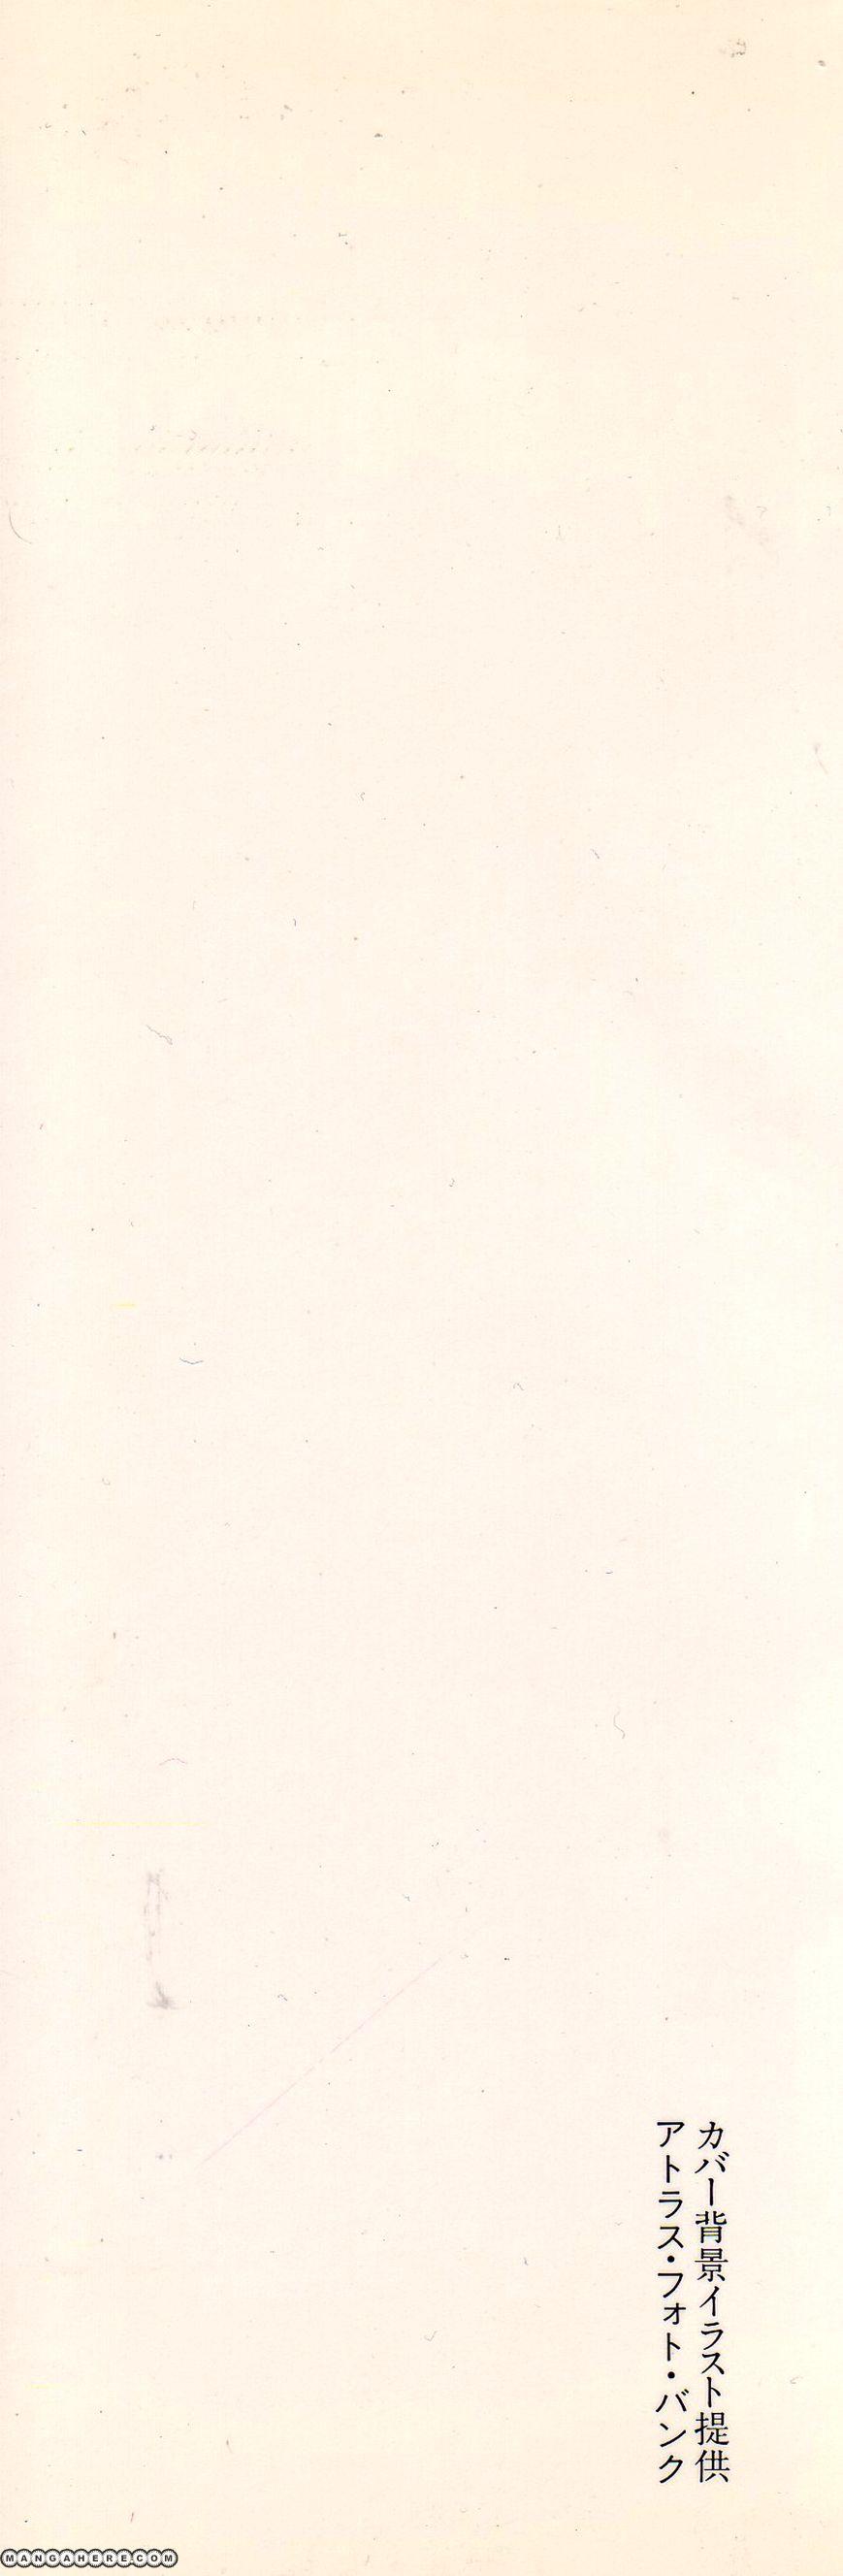 Kuro no Shishi 1 Page 1